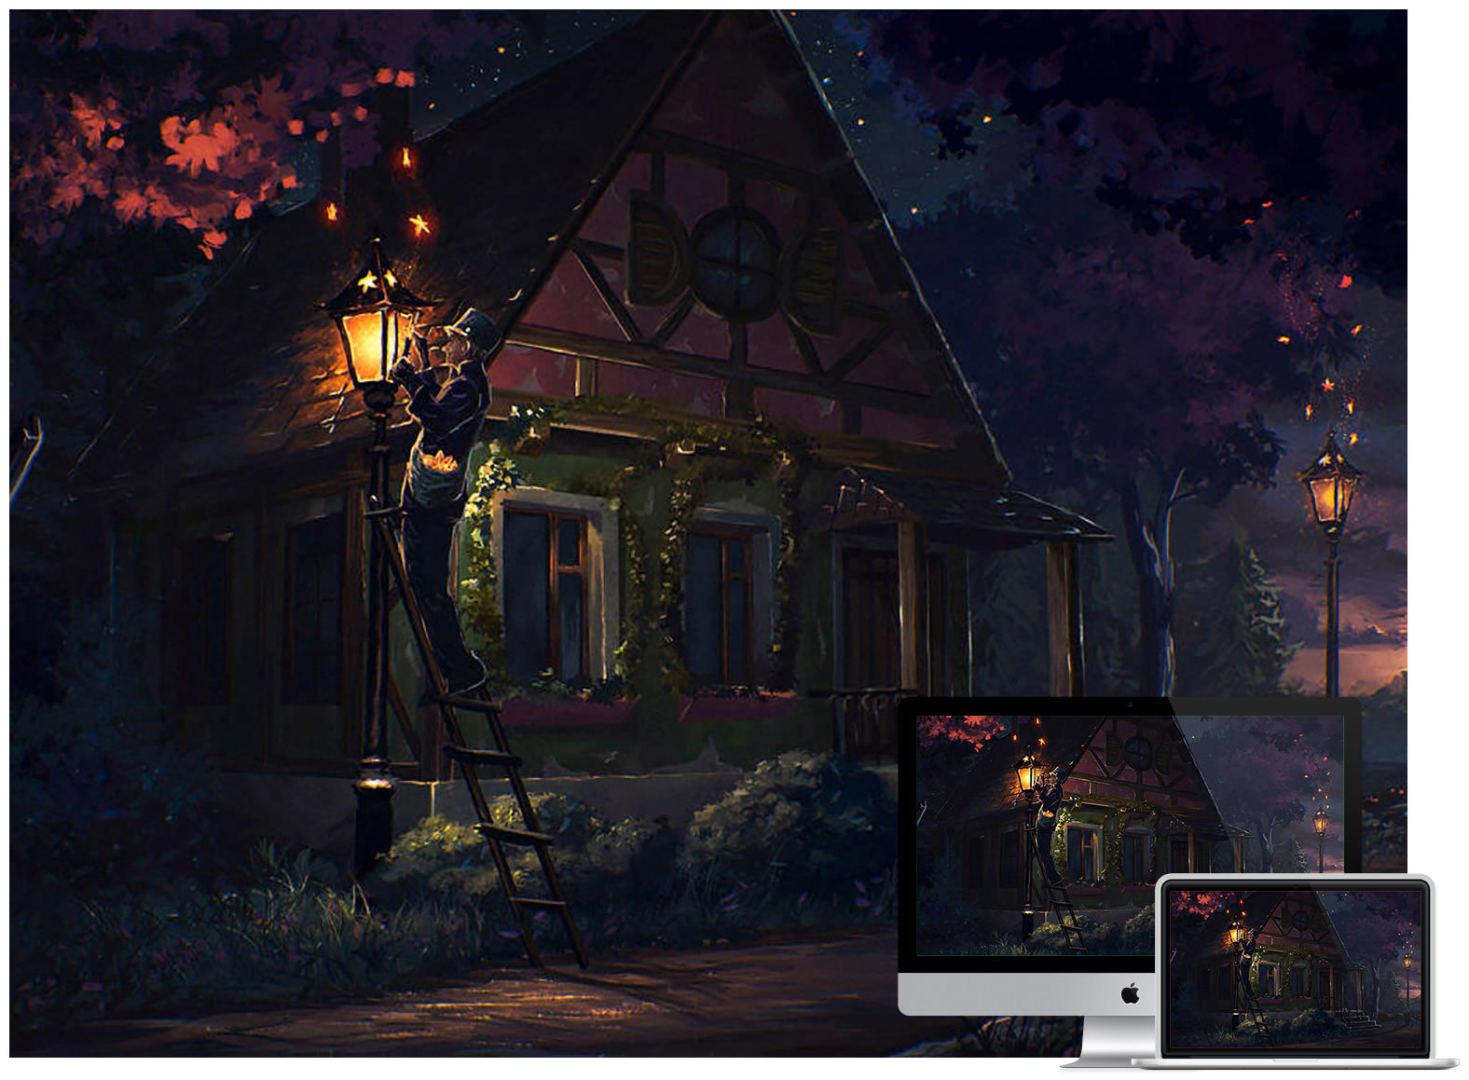 fairy-tale-night-wallpaper